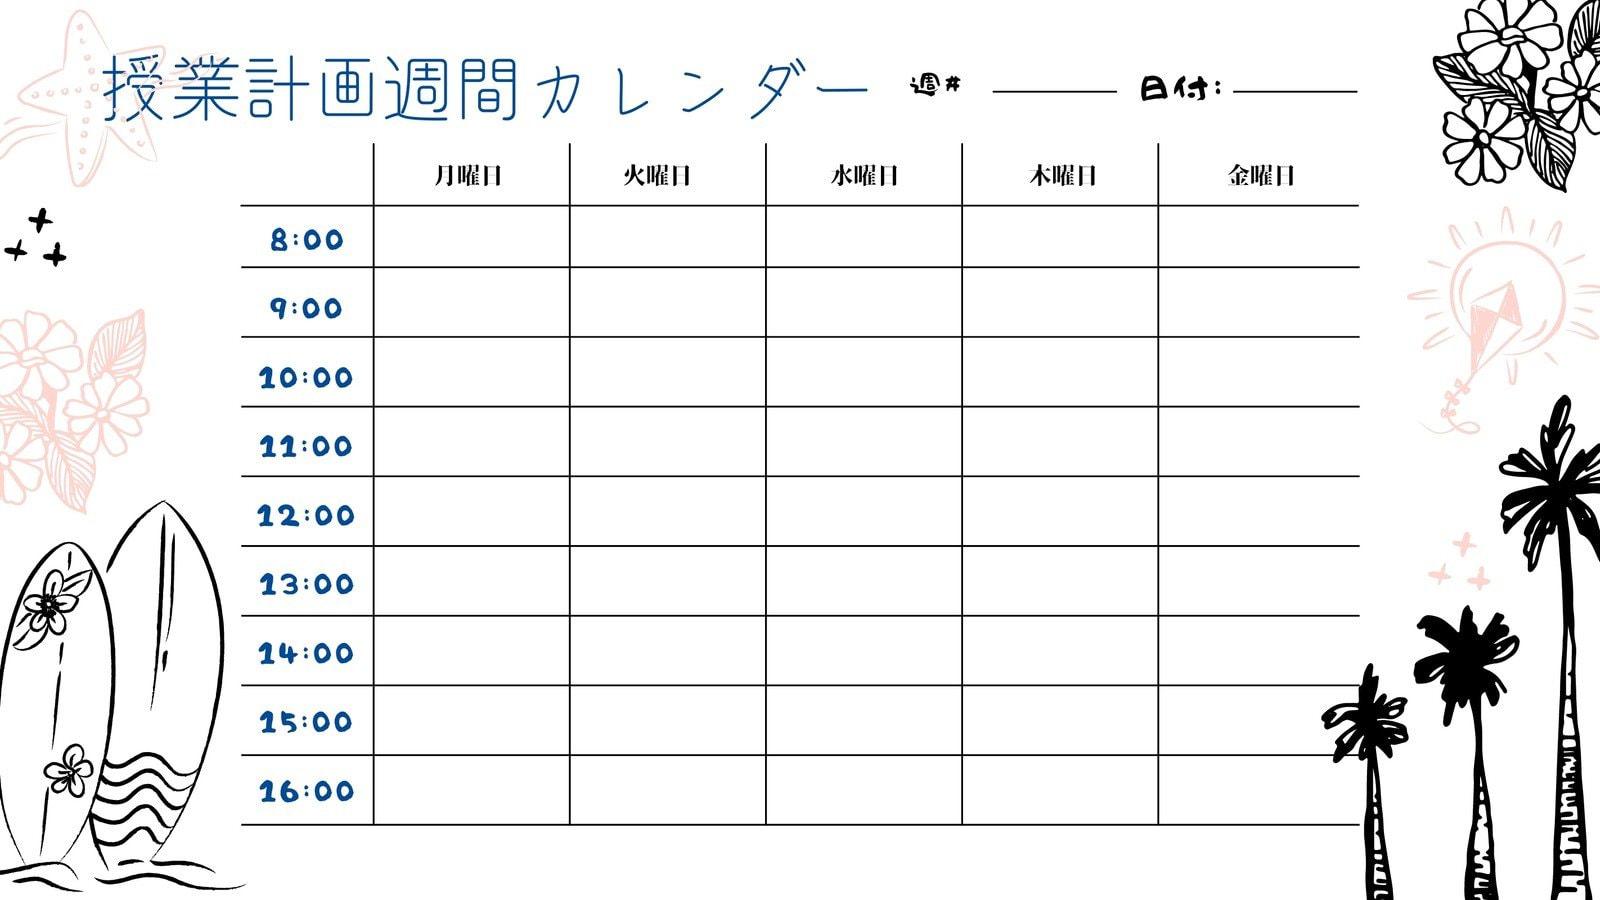 ブランク 印刷用 ヴィンテージな航海テーマの授業予定カレンダー